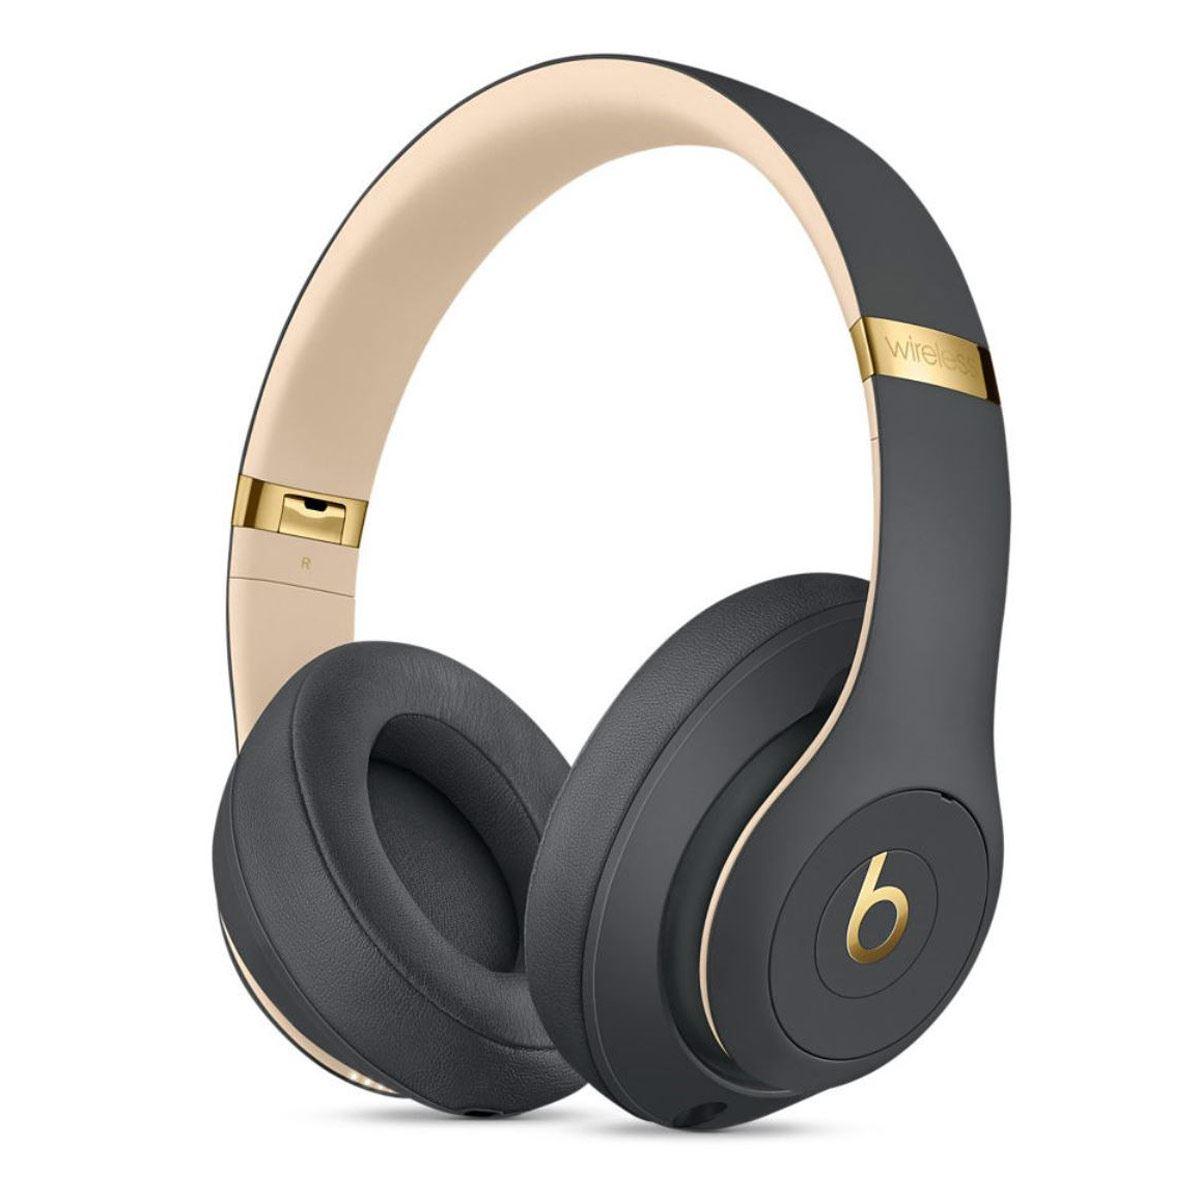 Audífonos Beats Studio3 Wireless Gris Penumbra